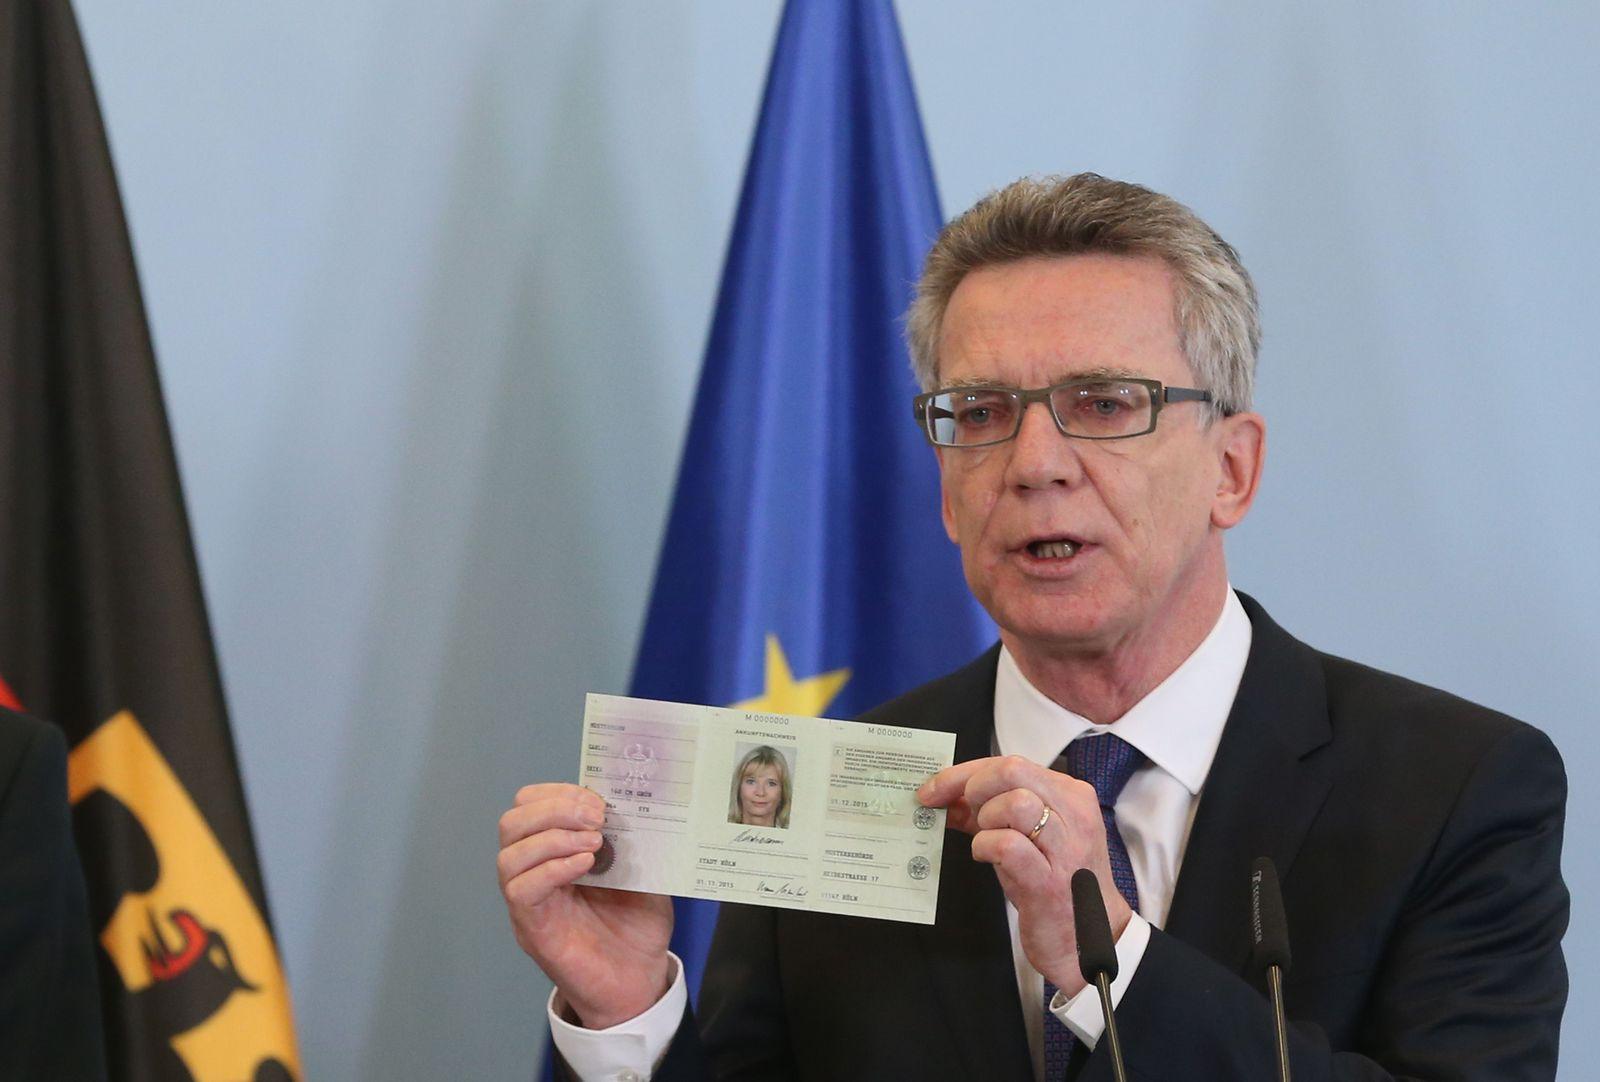 Flüchtlingsausweis de Maiziere